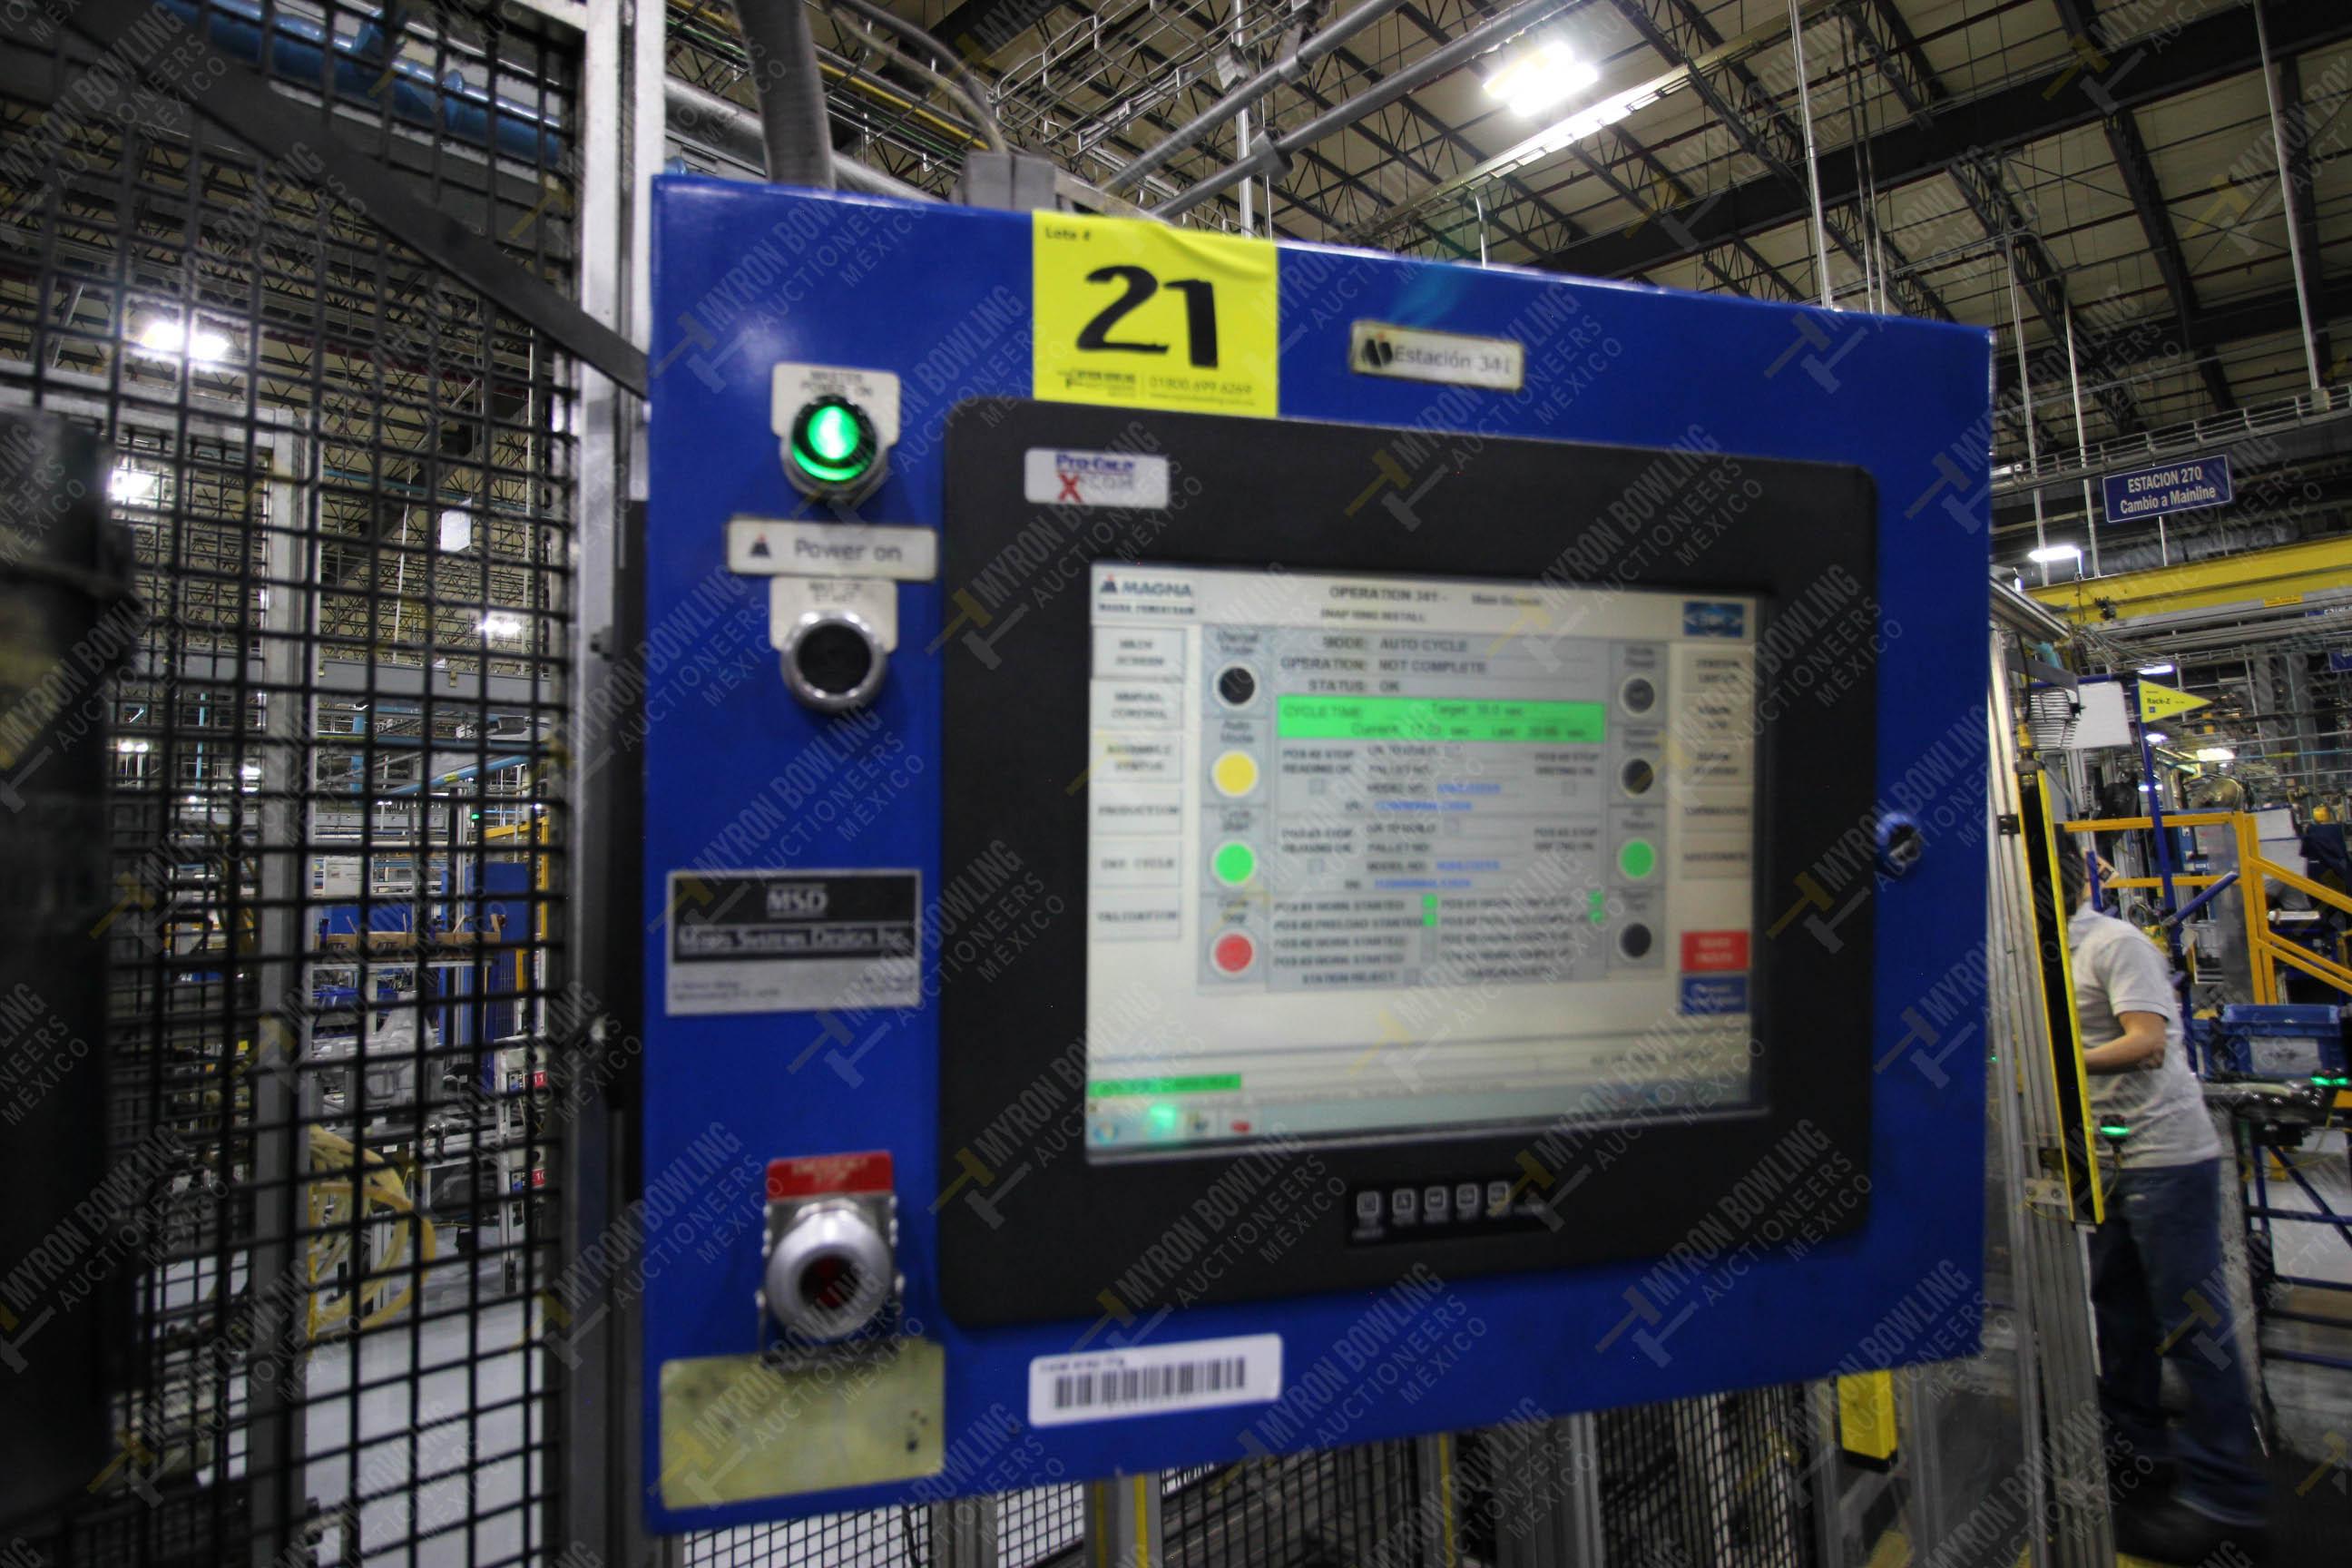 Estación semiautomática para operación 341, contiene: Prensa en estructura de placa de acero - Image 25 of 26